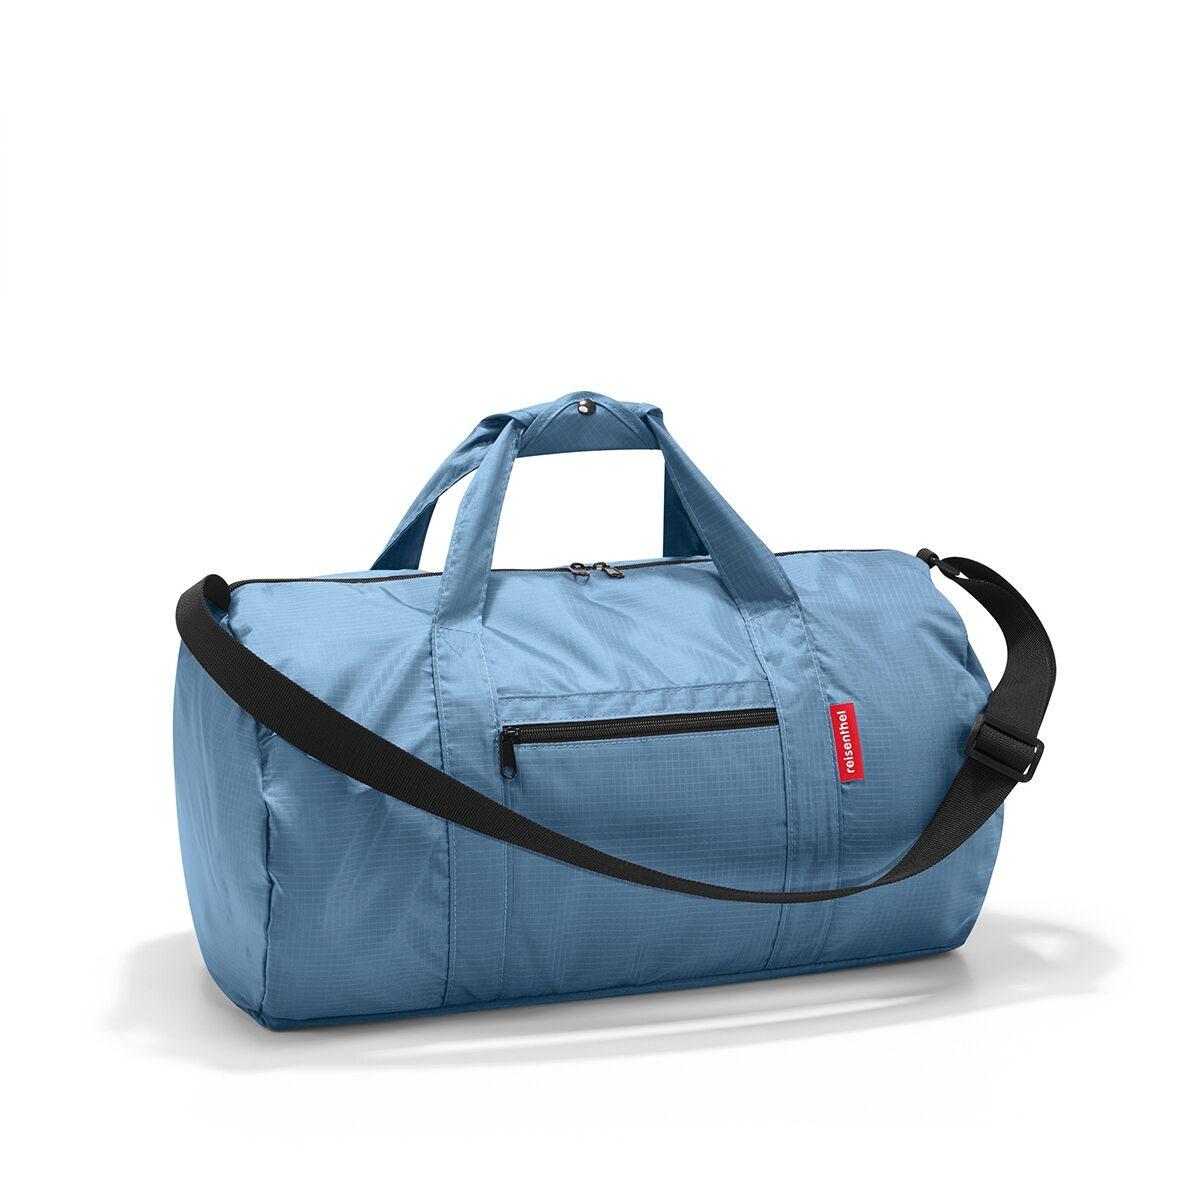 Сумка спортивная жен. Reisenthel, цвет: синий. AM4008AM4008Универсальная сумка-трансформер серии Mini Maxi, предназначенная для путешествий и спорта. - для хранения компактно складывается в собственный внутренний карман; - вместительное основное отделение на молнии; - экономит место при хранении и перевозке в сложенном состоянии; - регулируемый наплечный ремень; - ручки для переноски, регулируемые при помощи специальных застежек; - два внешних кармана на молнии; - материал: высококачественный водостойкий полиэстер; - объем – 20 литров.